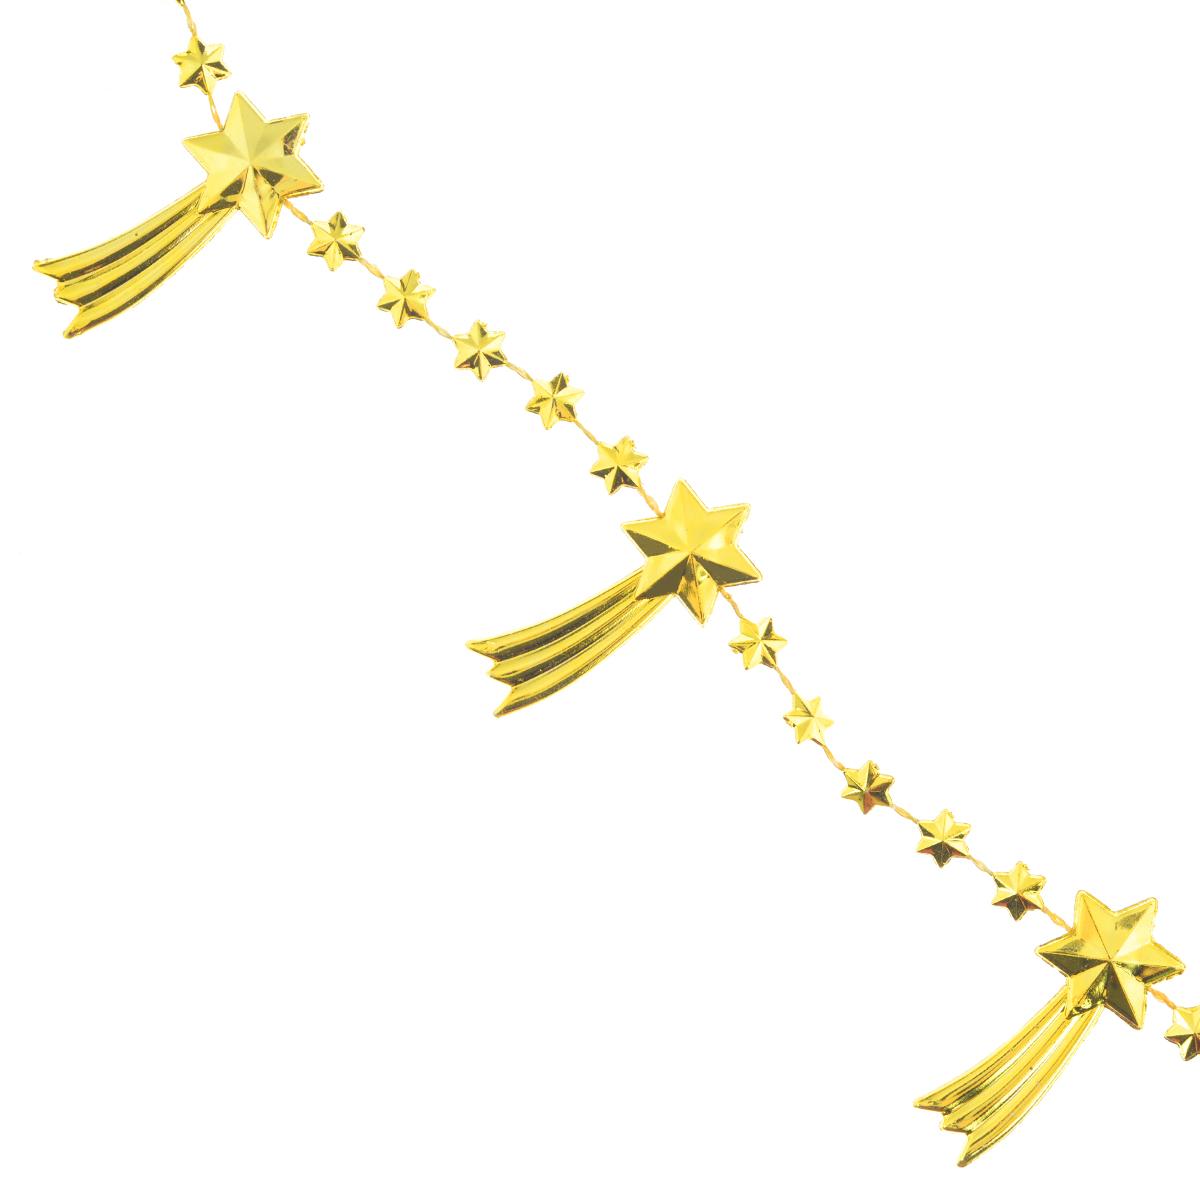 Новогодняя гирлянда Lunten Ranta Кометы, цвет: золотистый, длина 2 м65594Новогодняя гирлянда Lunten Ranta Кометы отлично подойдет для декорации вашего дома и новогодней ели. Изделие, выполненное из пластика, представляет собой гирлянду на текстильной нити, на которой нанизаны фигурки в виде падающих звезд. Новогодние украшения несут в себе волшебство и красоту праздника. Они помогут вам украсить дом к предстоящим праздникам и оживить интерьер по вашему вкусу. Создайте в доме атмосферу тепла, веселья и радости, украшая его всей семьей. Размер фигурки: 4 см х 1,7 см х 0,4 см.